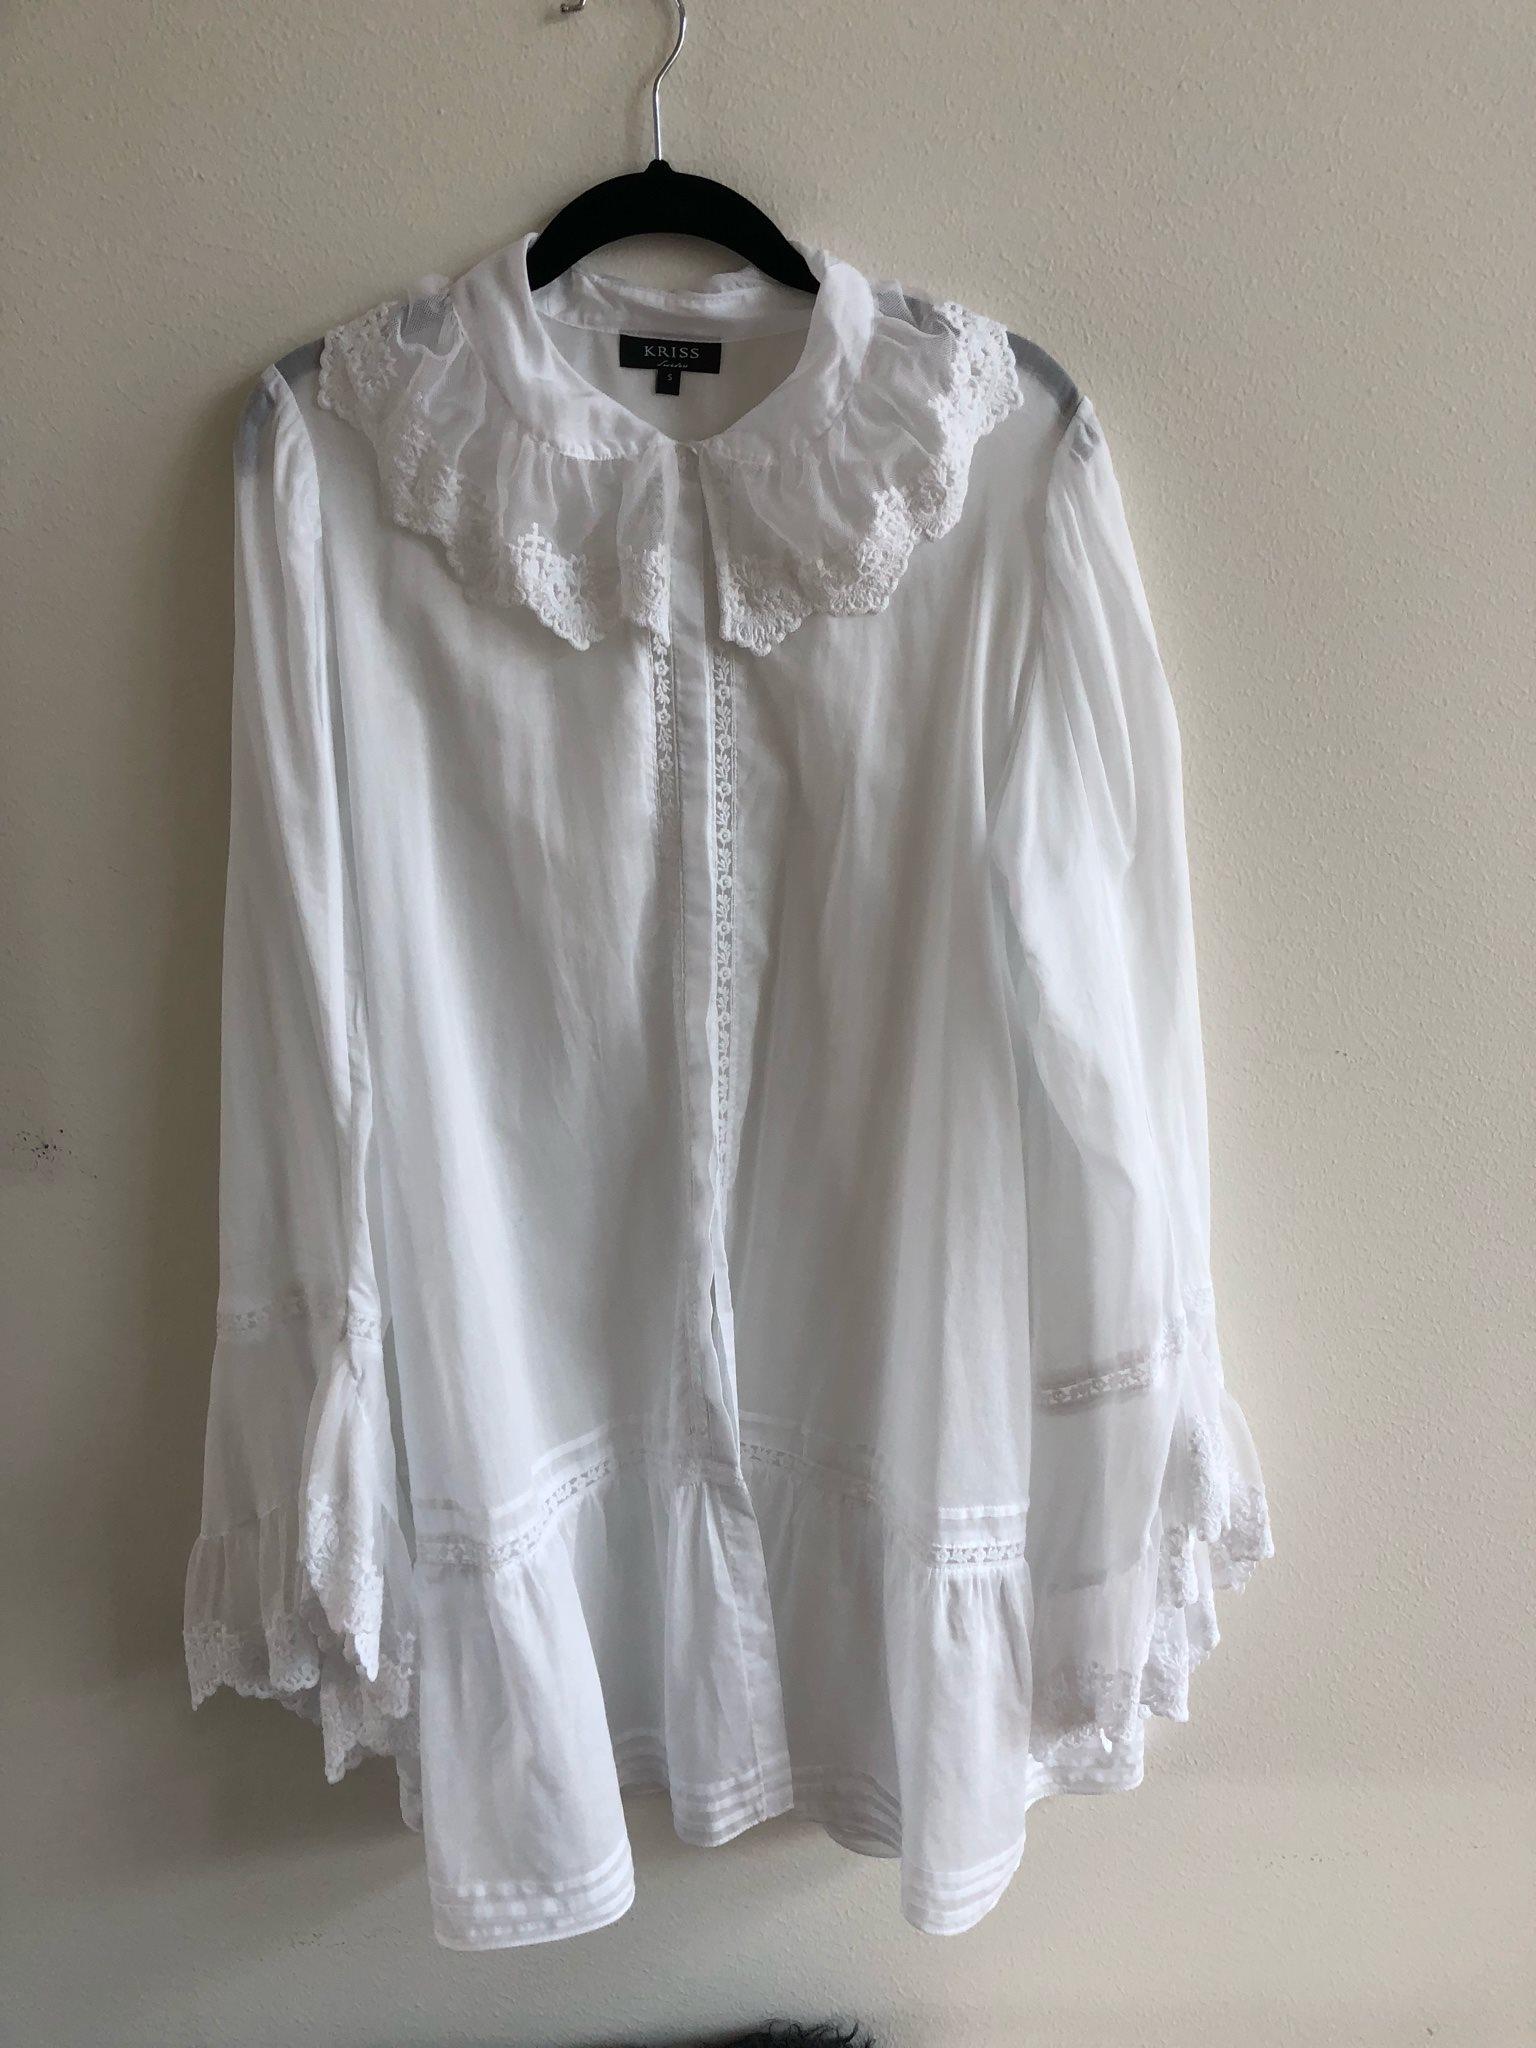 Storskjorta Tunika från KRISS (328144627) ᐈ Köp på Tradera 386d0debac3e5